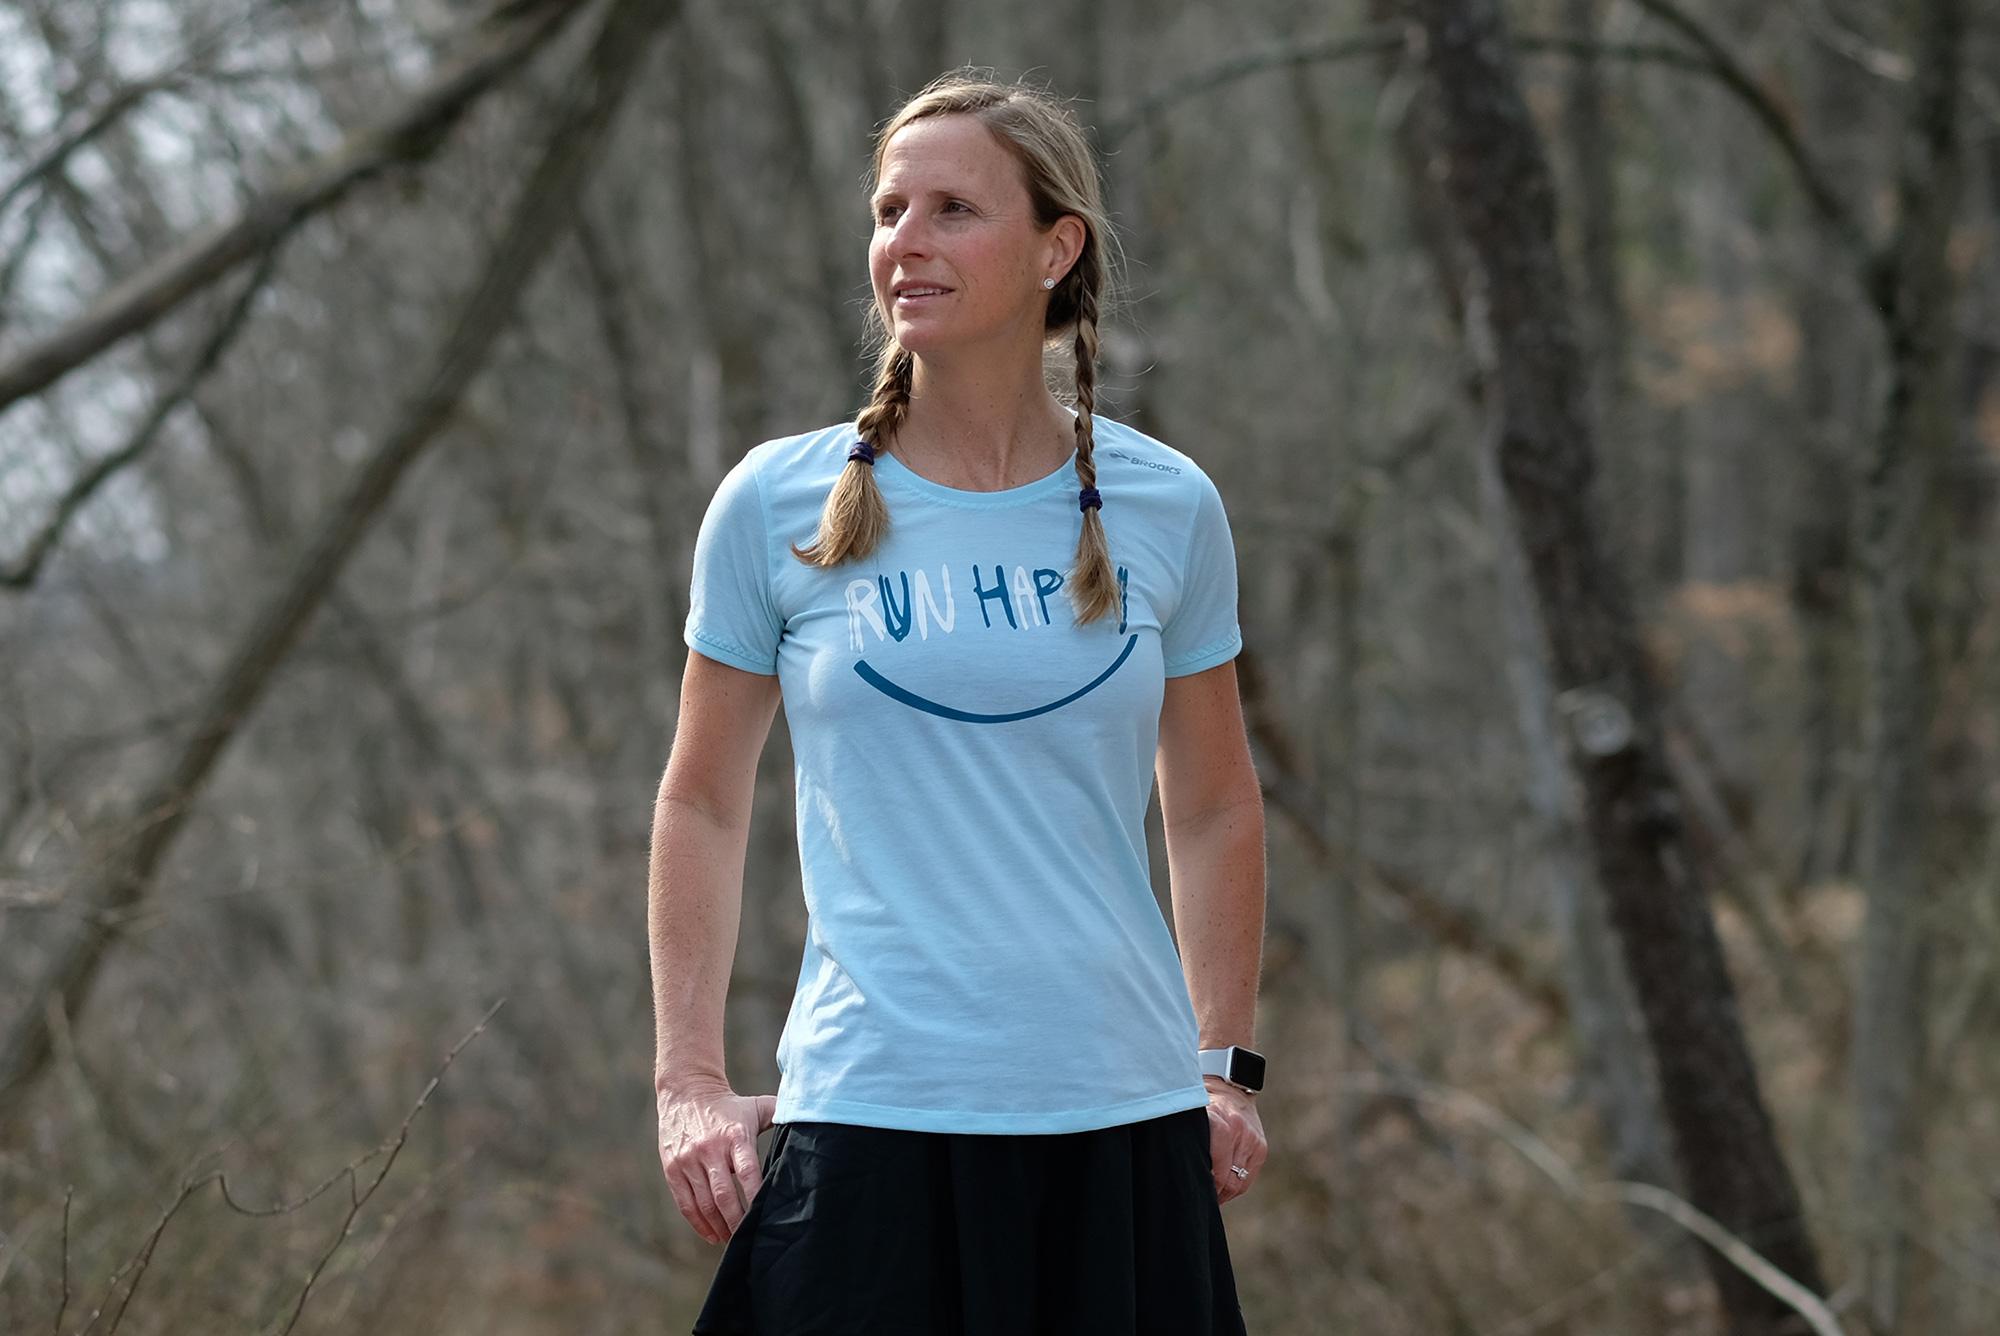 Women's Running Skirts and Run Happy Tee